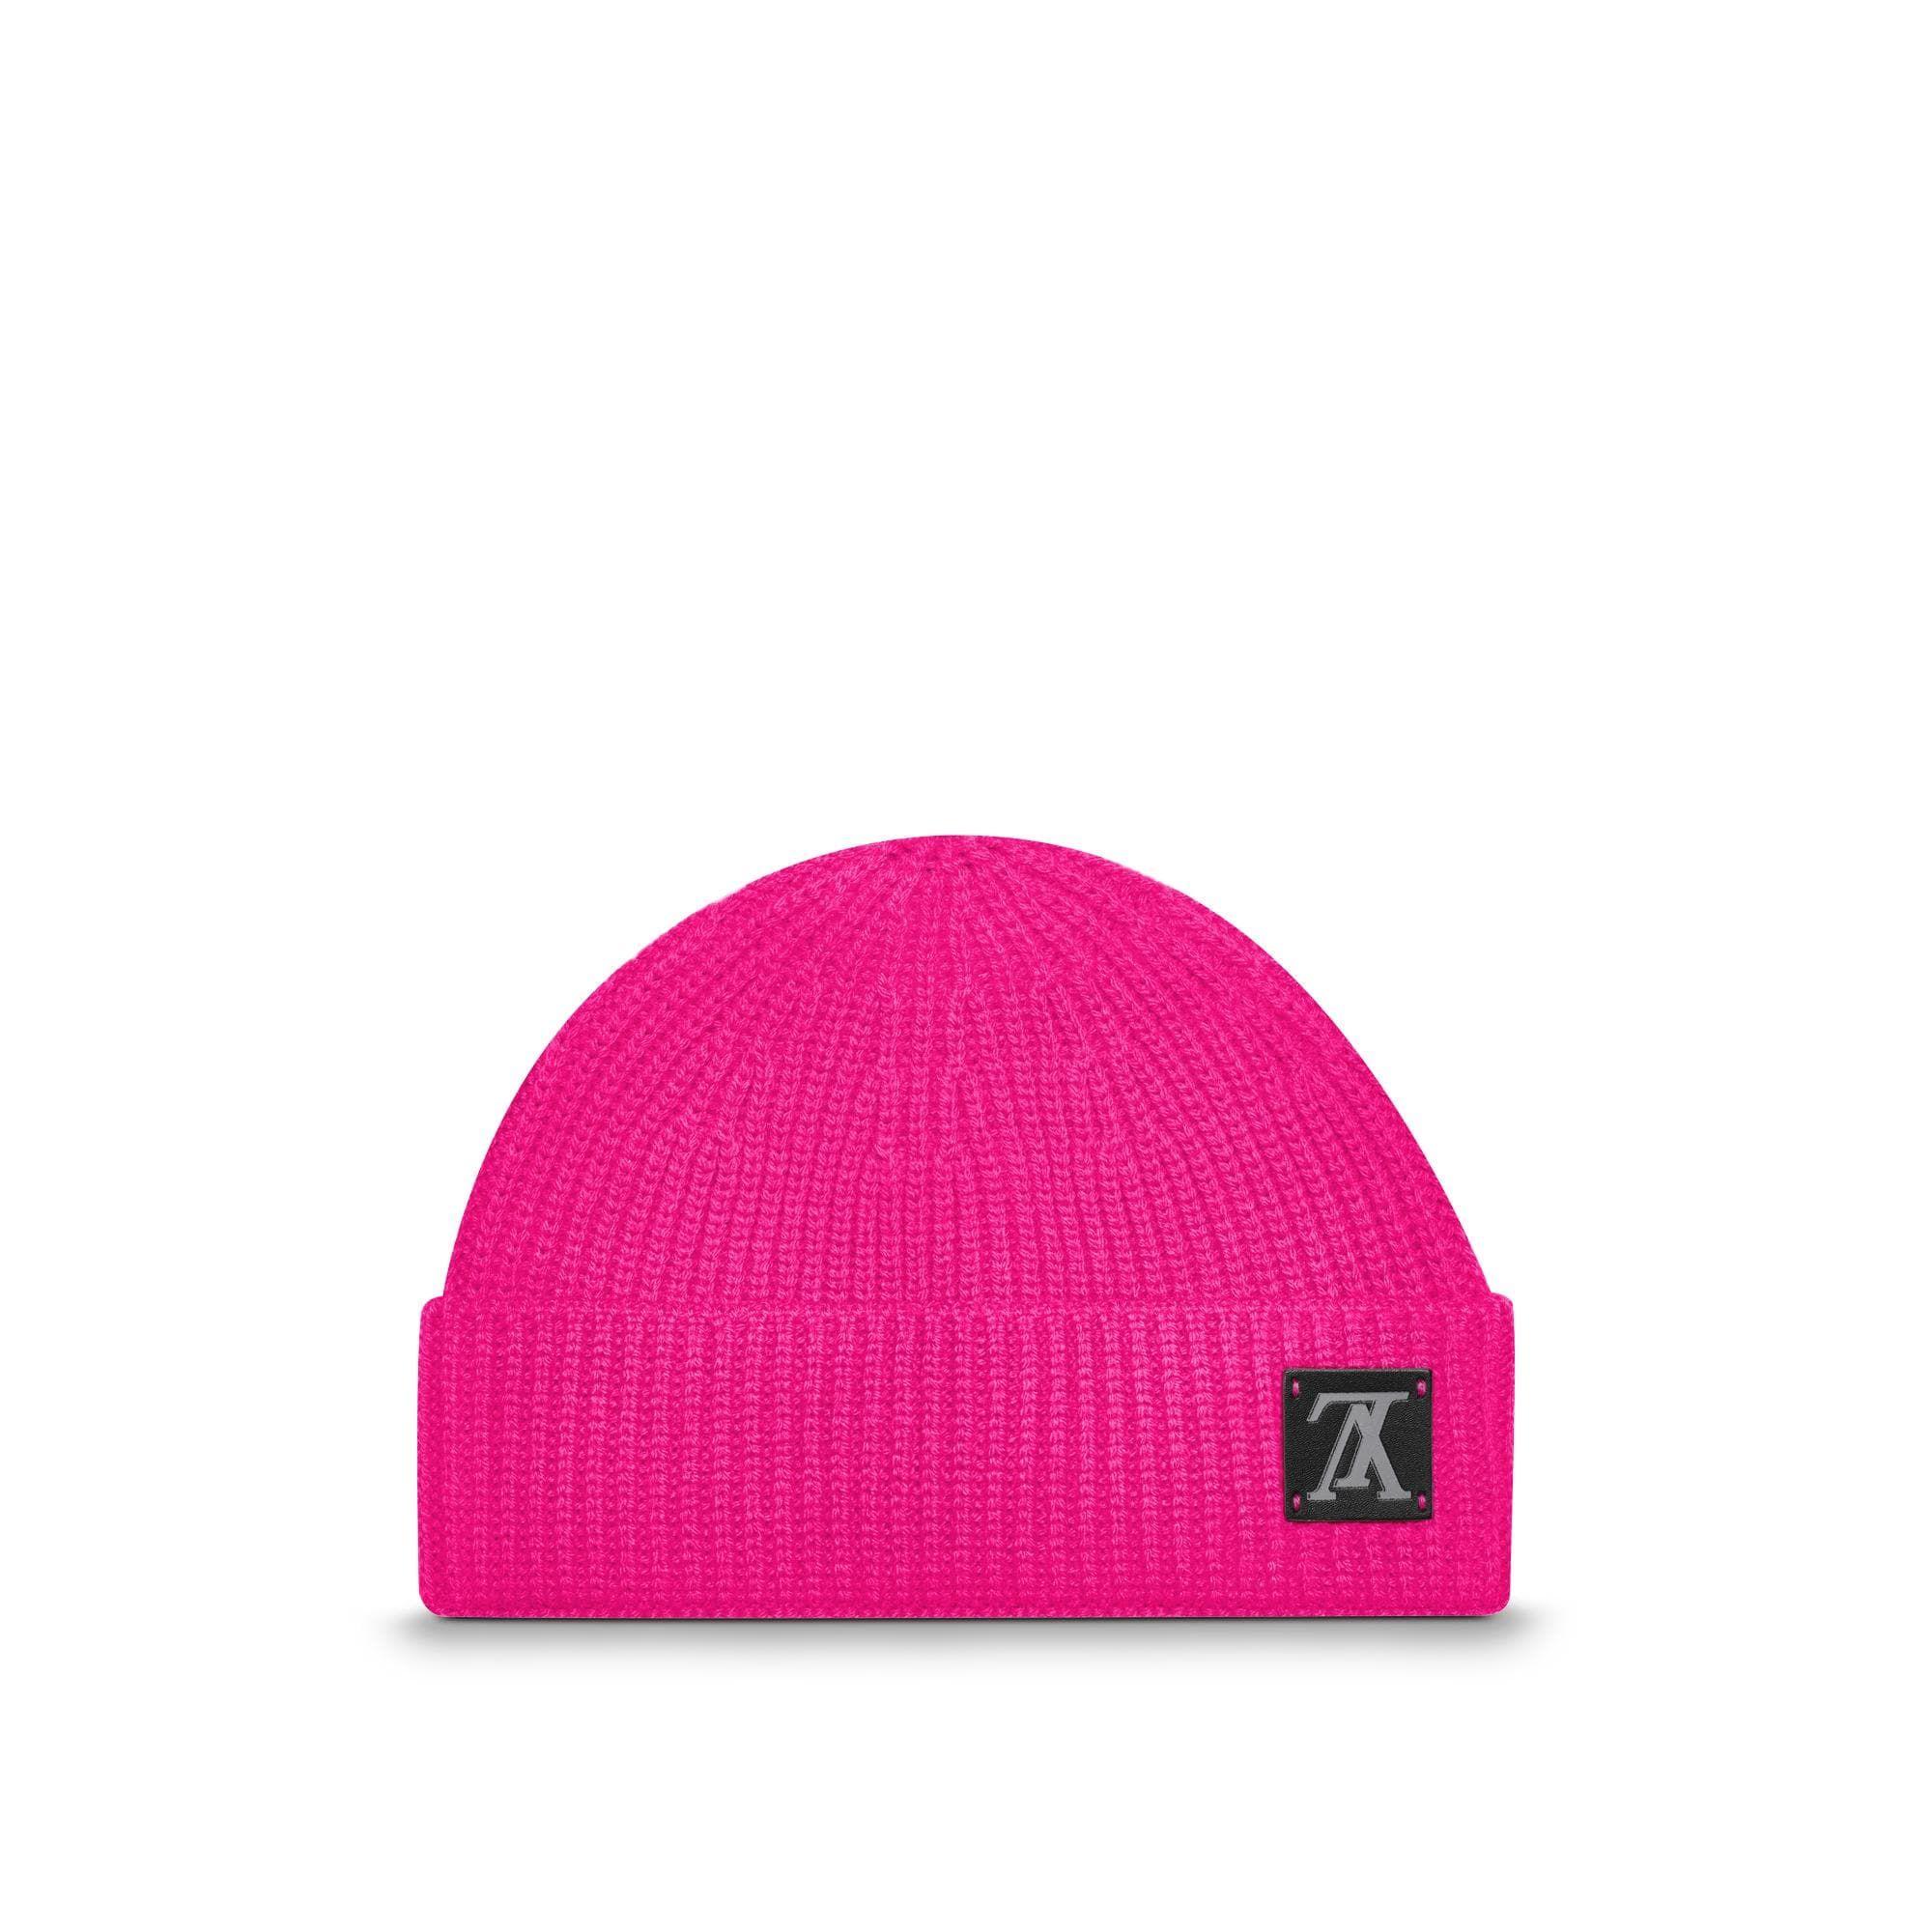 c115c6acc0e LV Upside Down Fluo Hat via Louis Vuitton